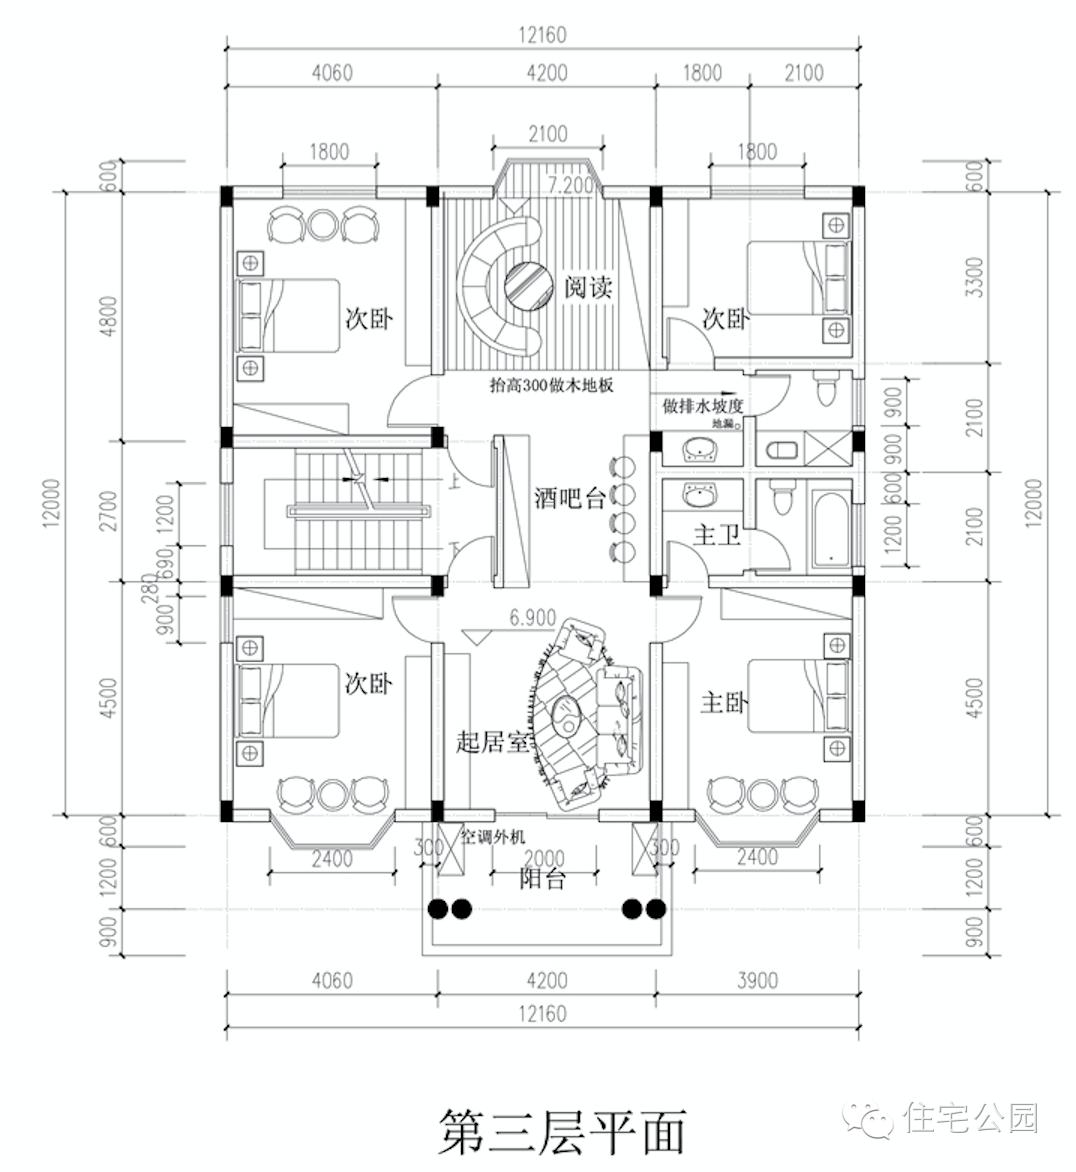 新农村自建房3层户型 12米x14米 堂屋神位平面图